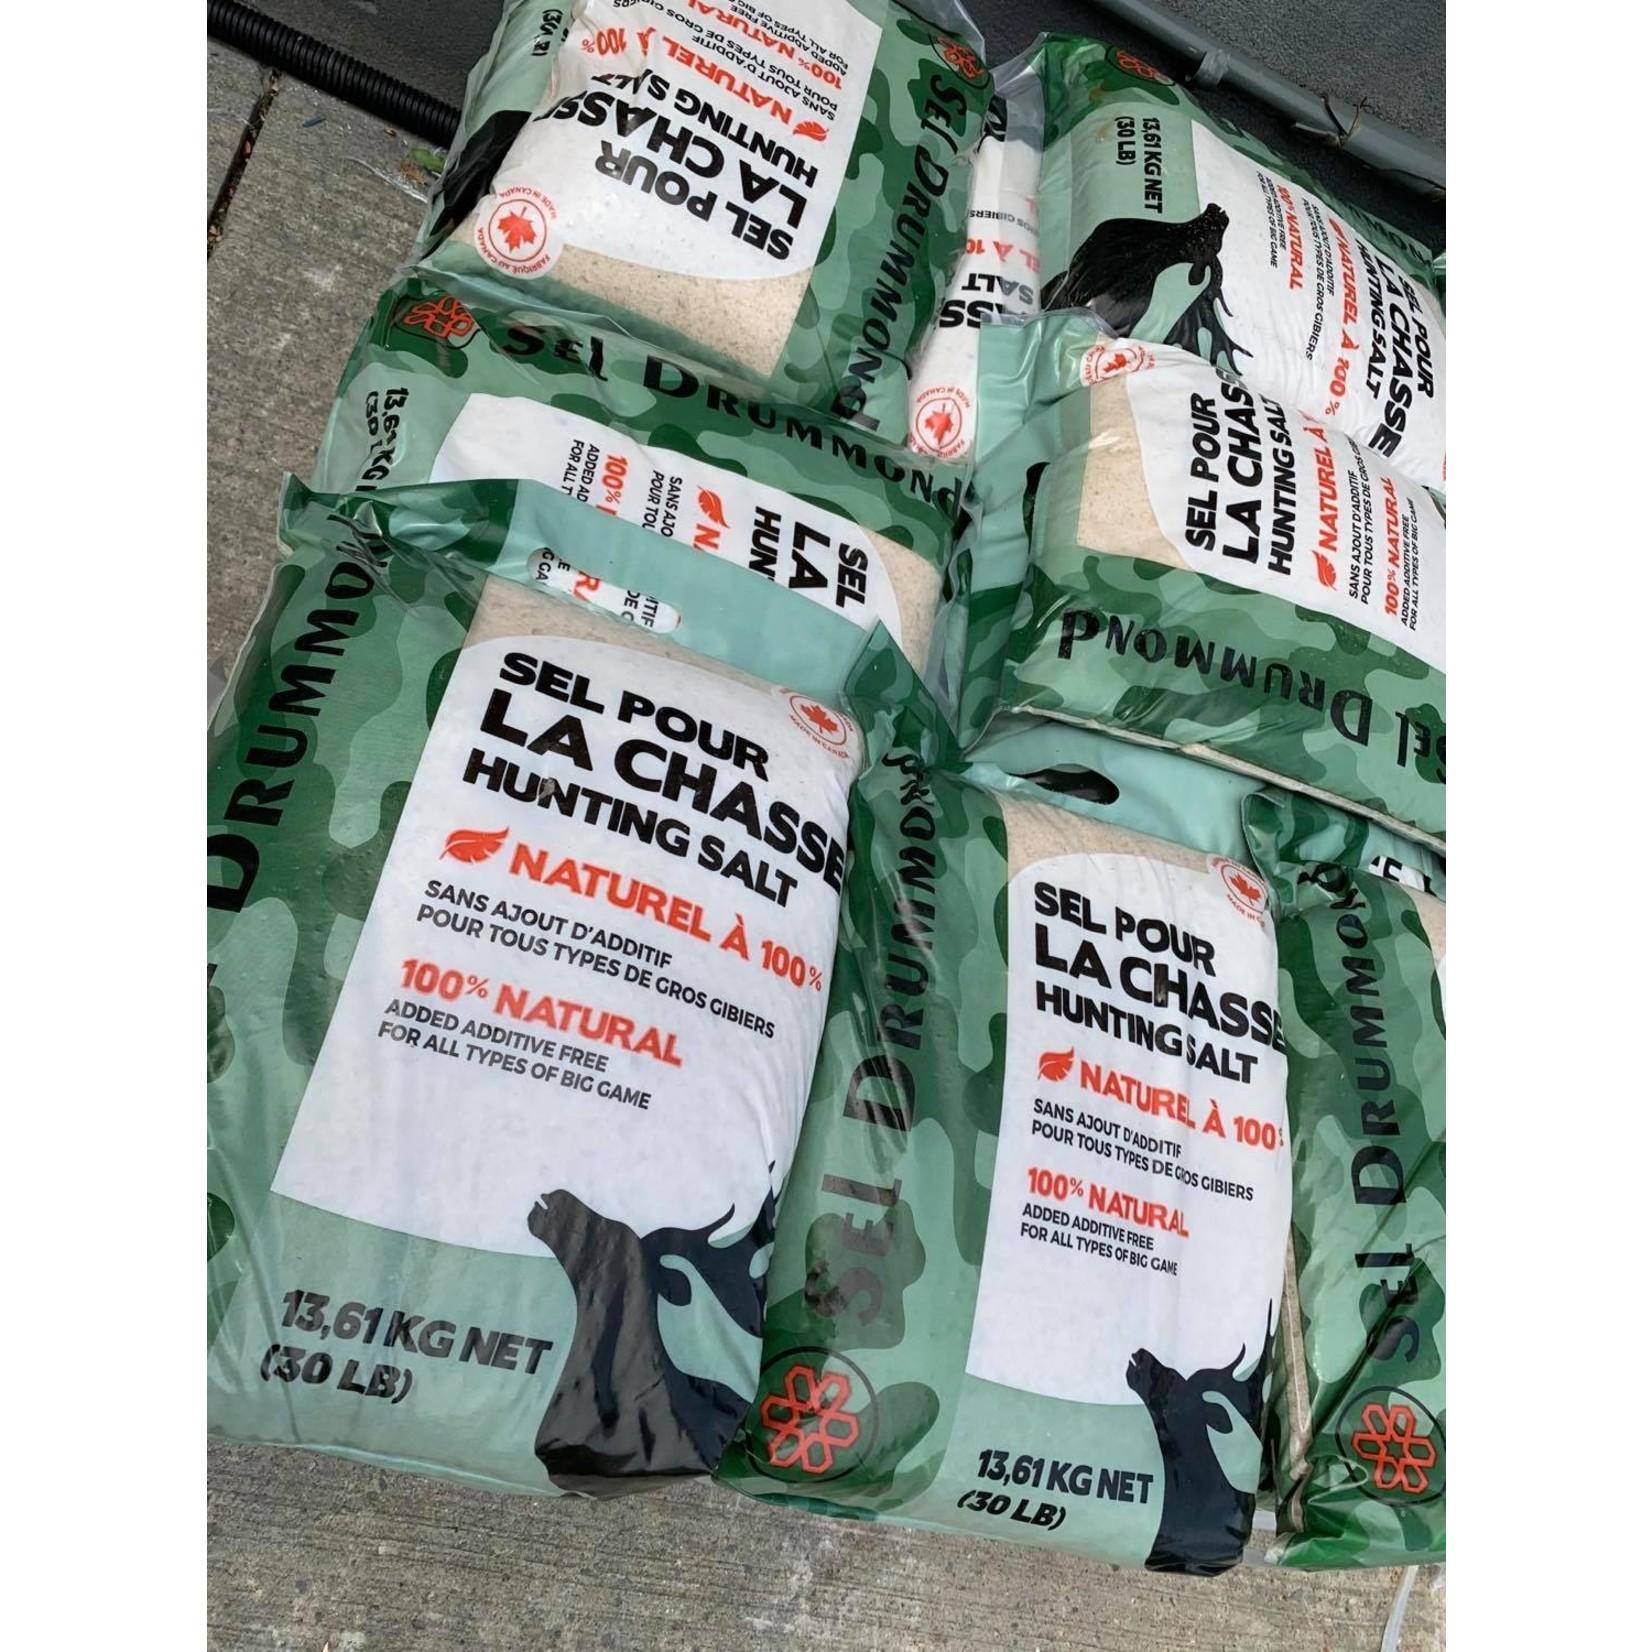 Meunerie Soucy Hunting Salt - 13.6 kg